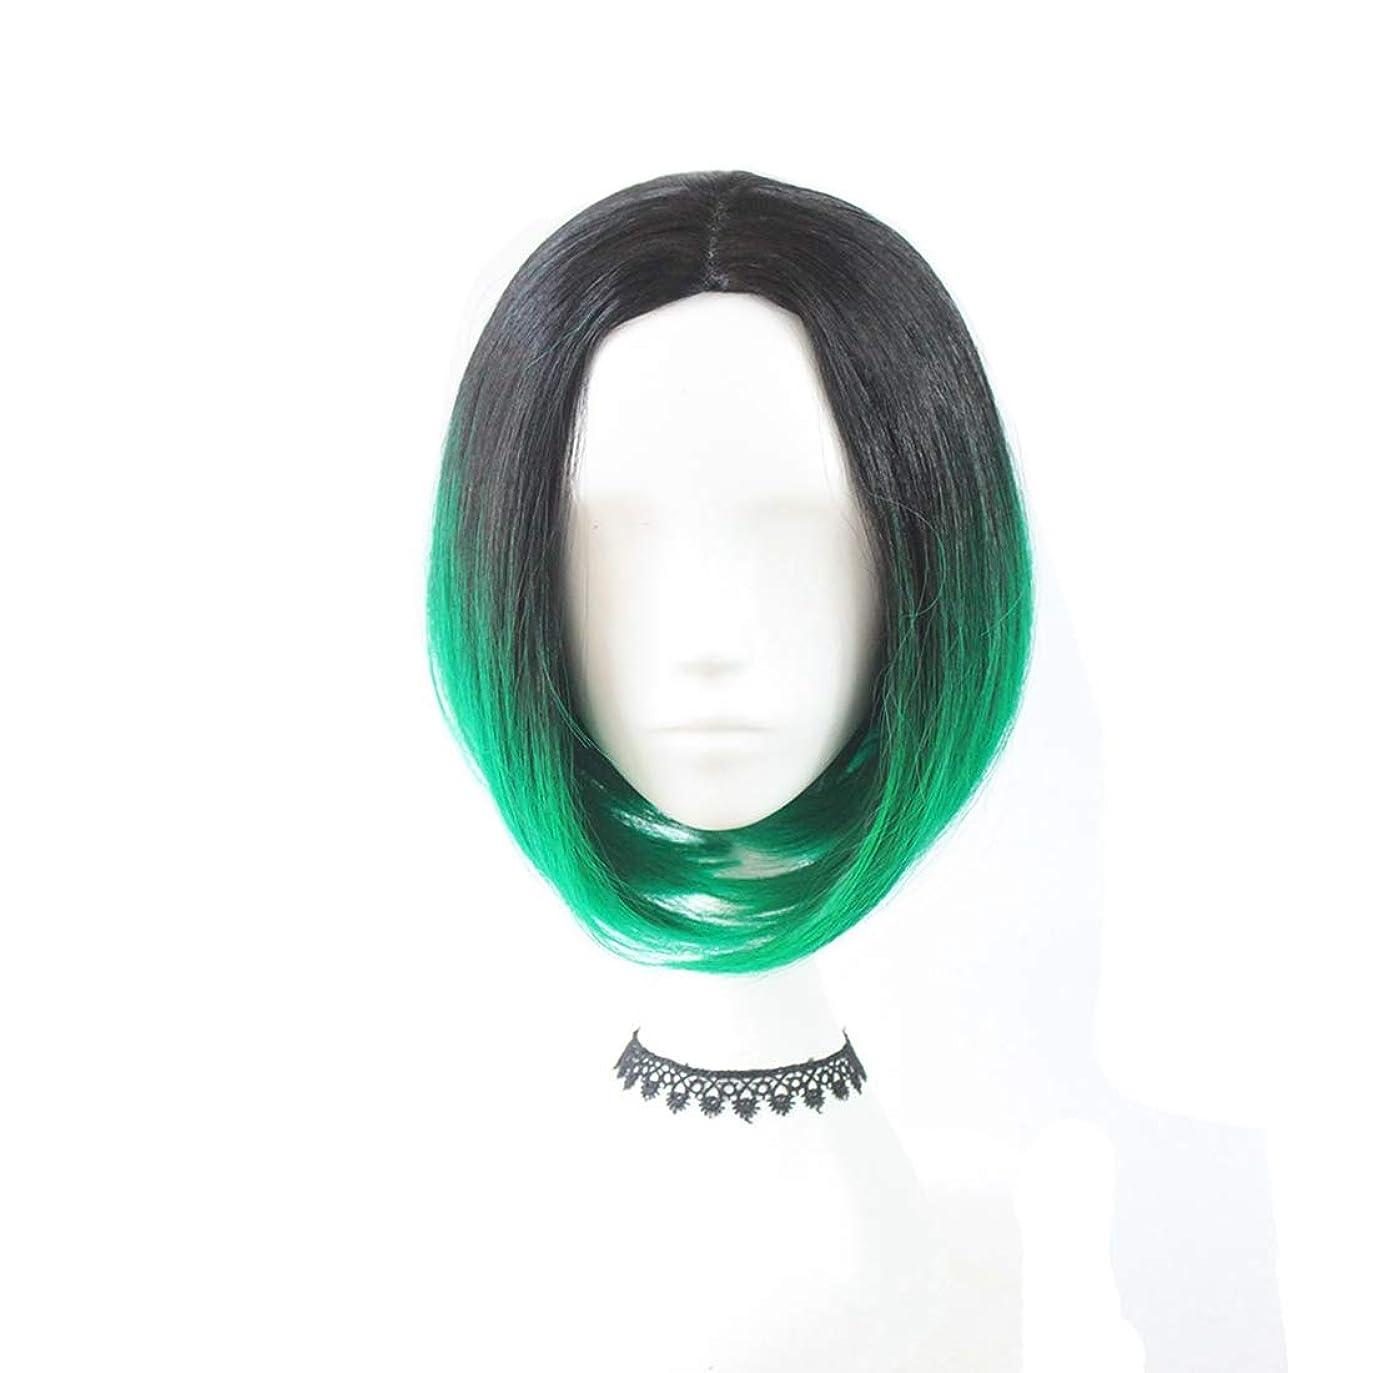 聞く繊維スプーンKoloeplf グラデーションカラーウィッグCOSファッションアニメウィッグBOBショートストレートヘア (Color : オレンジ)